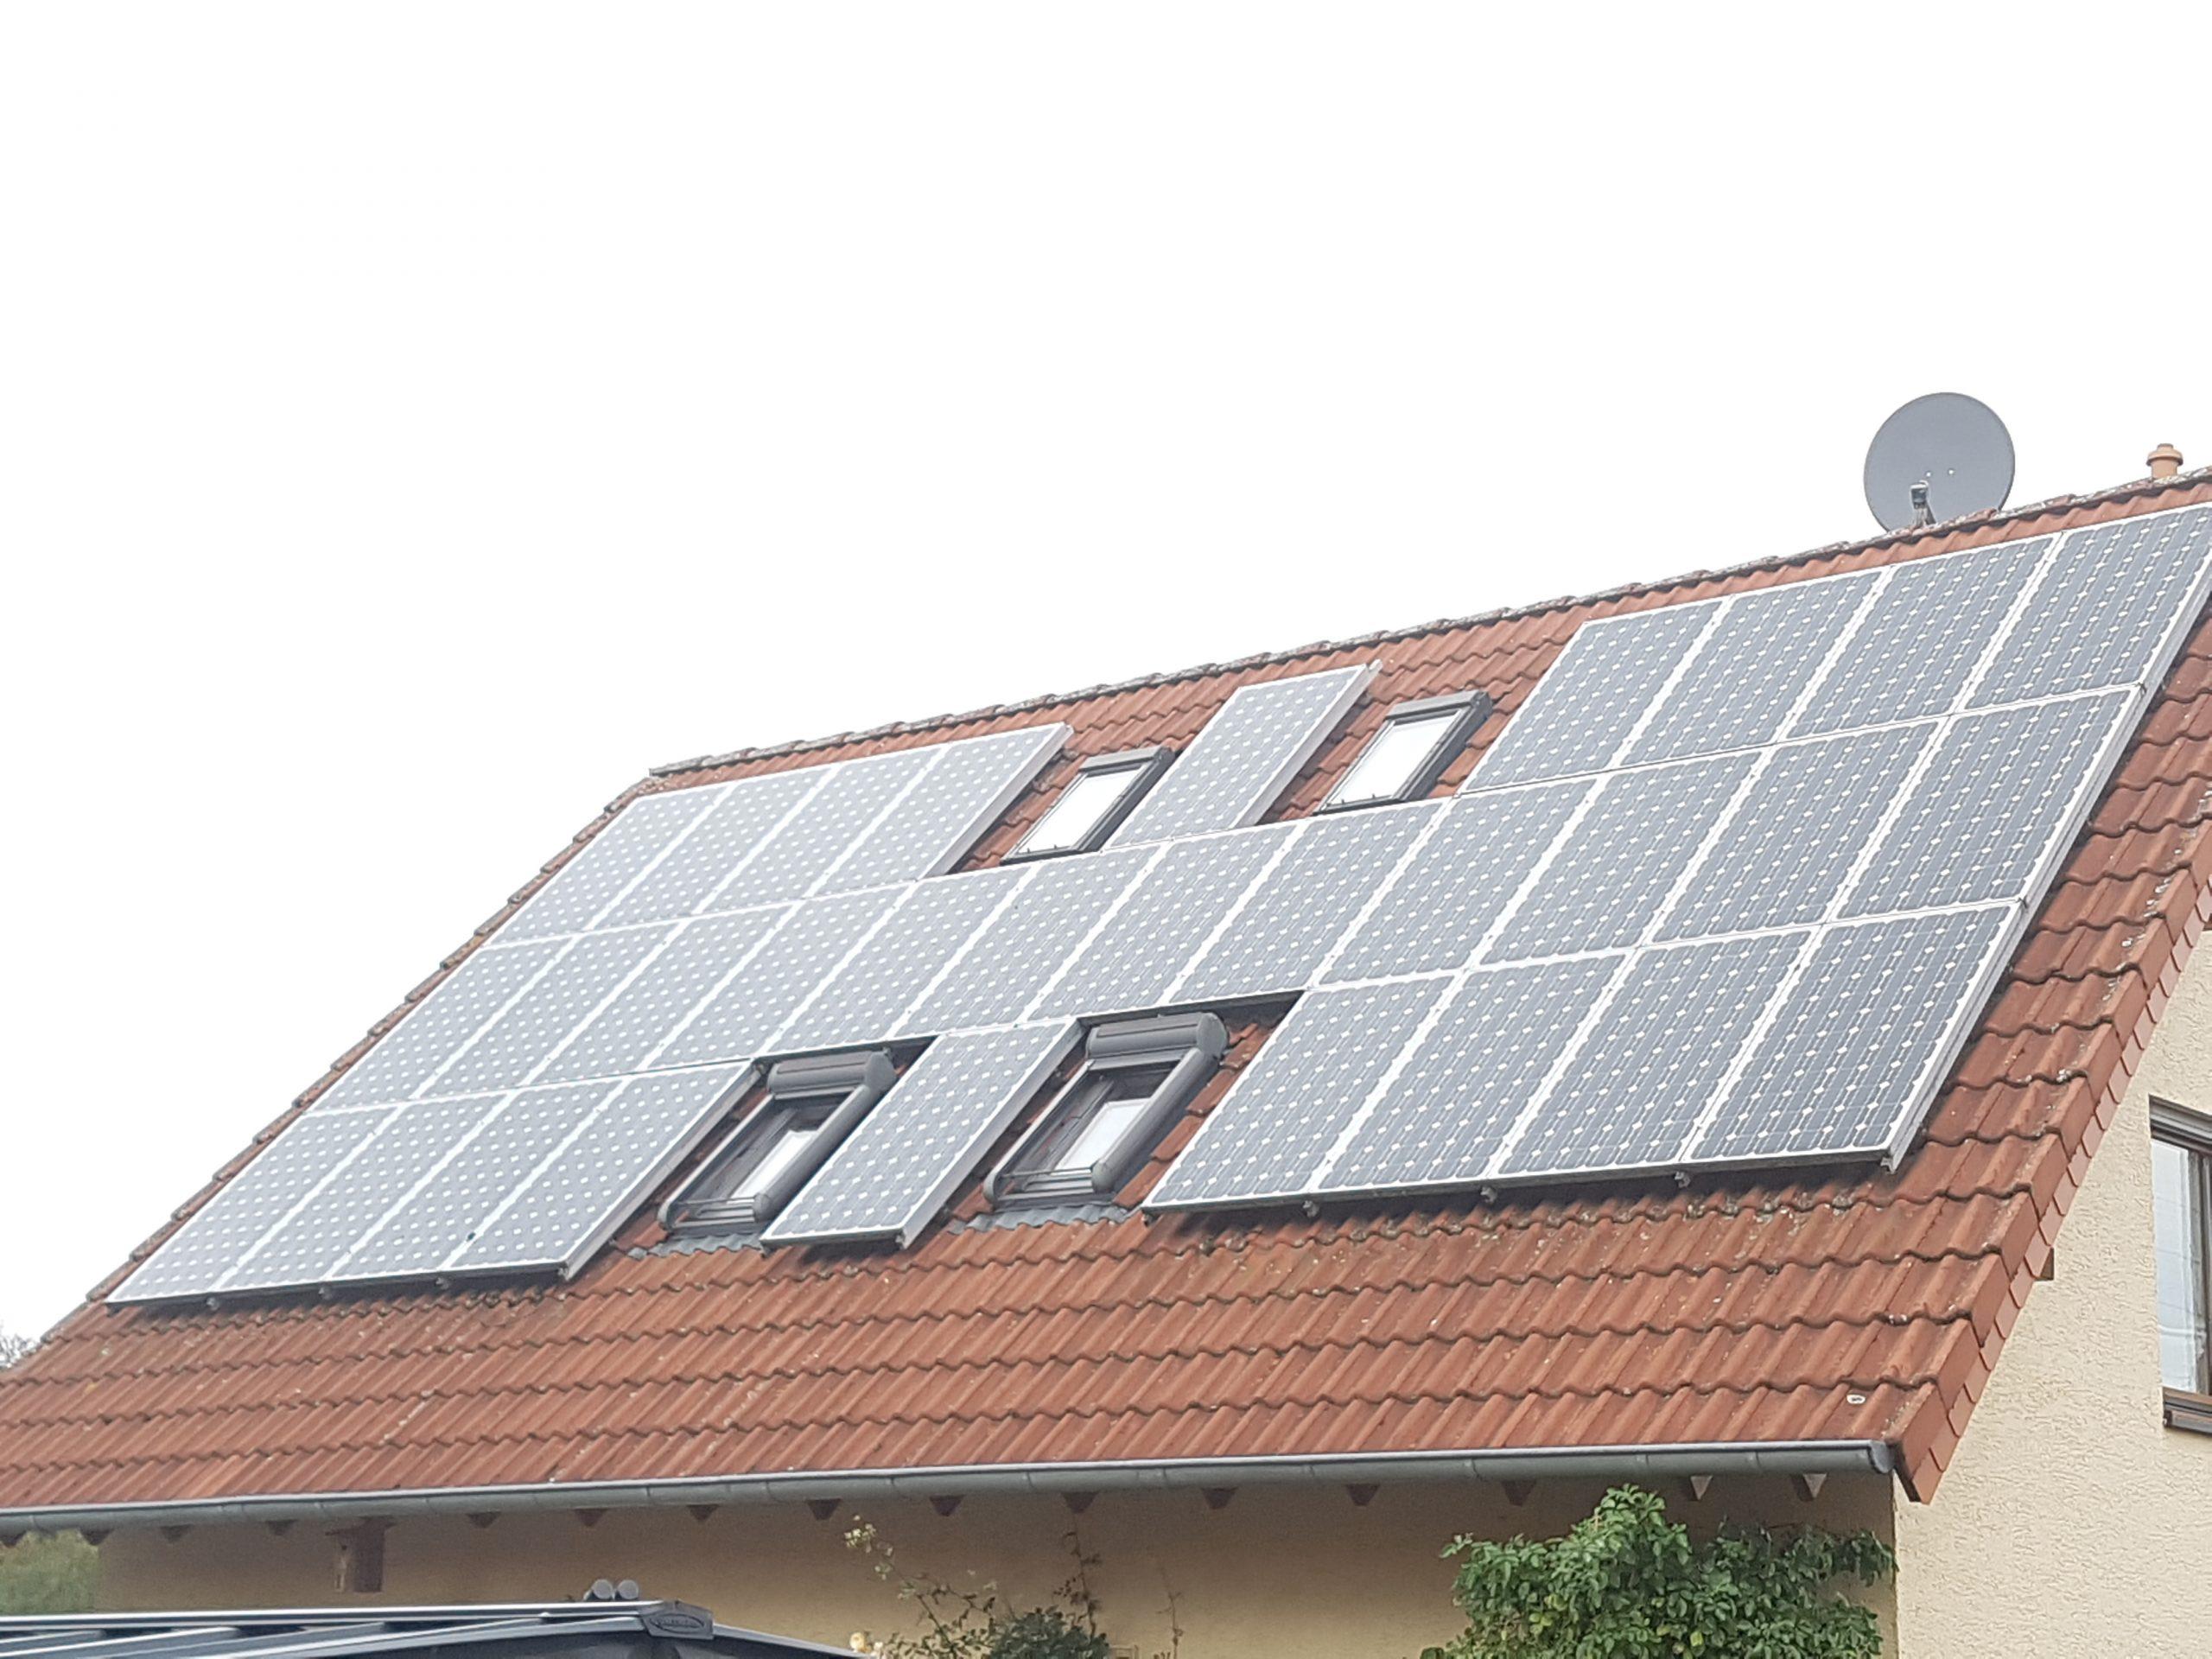 Info: Erfahrungsbericht über eine Solaranlage auf dem Haus zur Stromproduktion